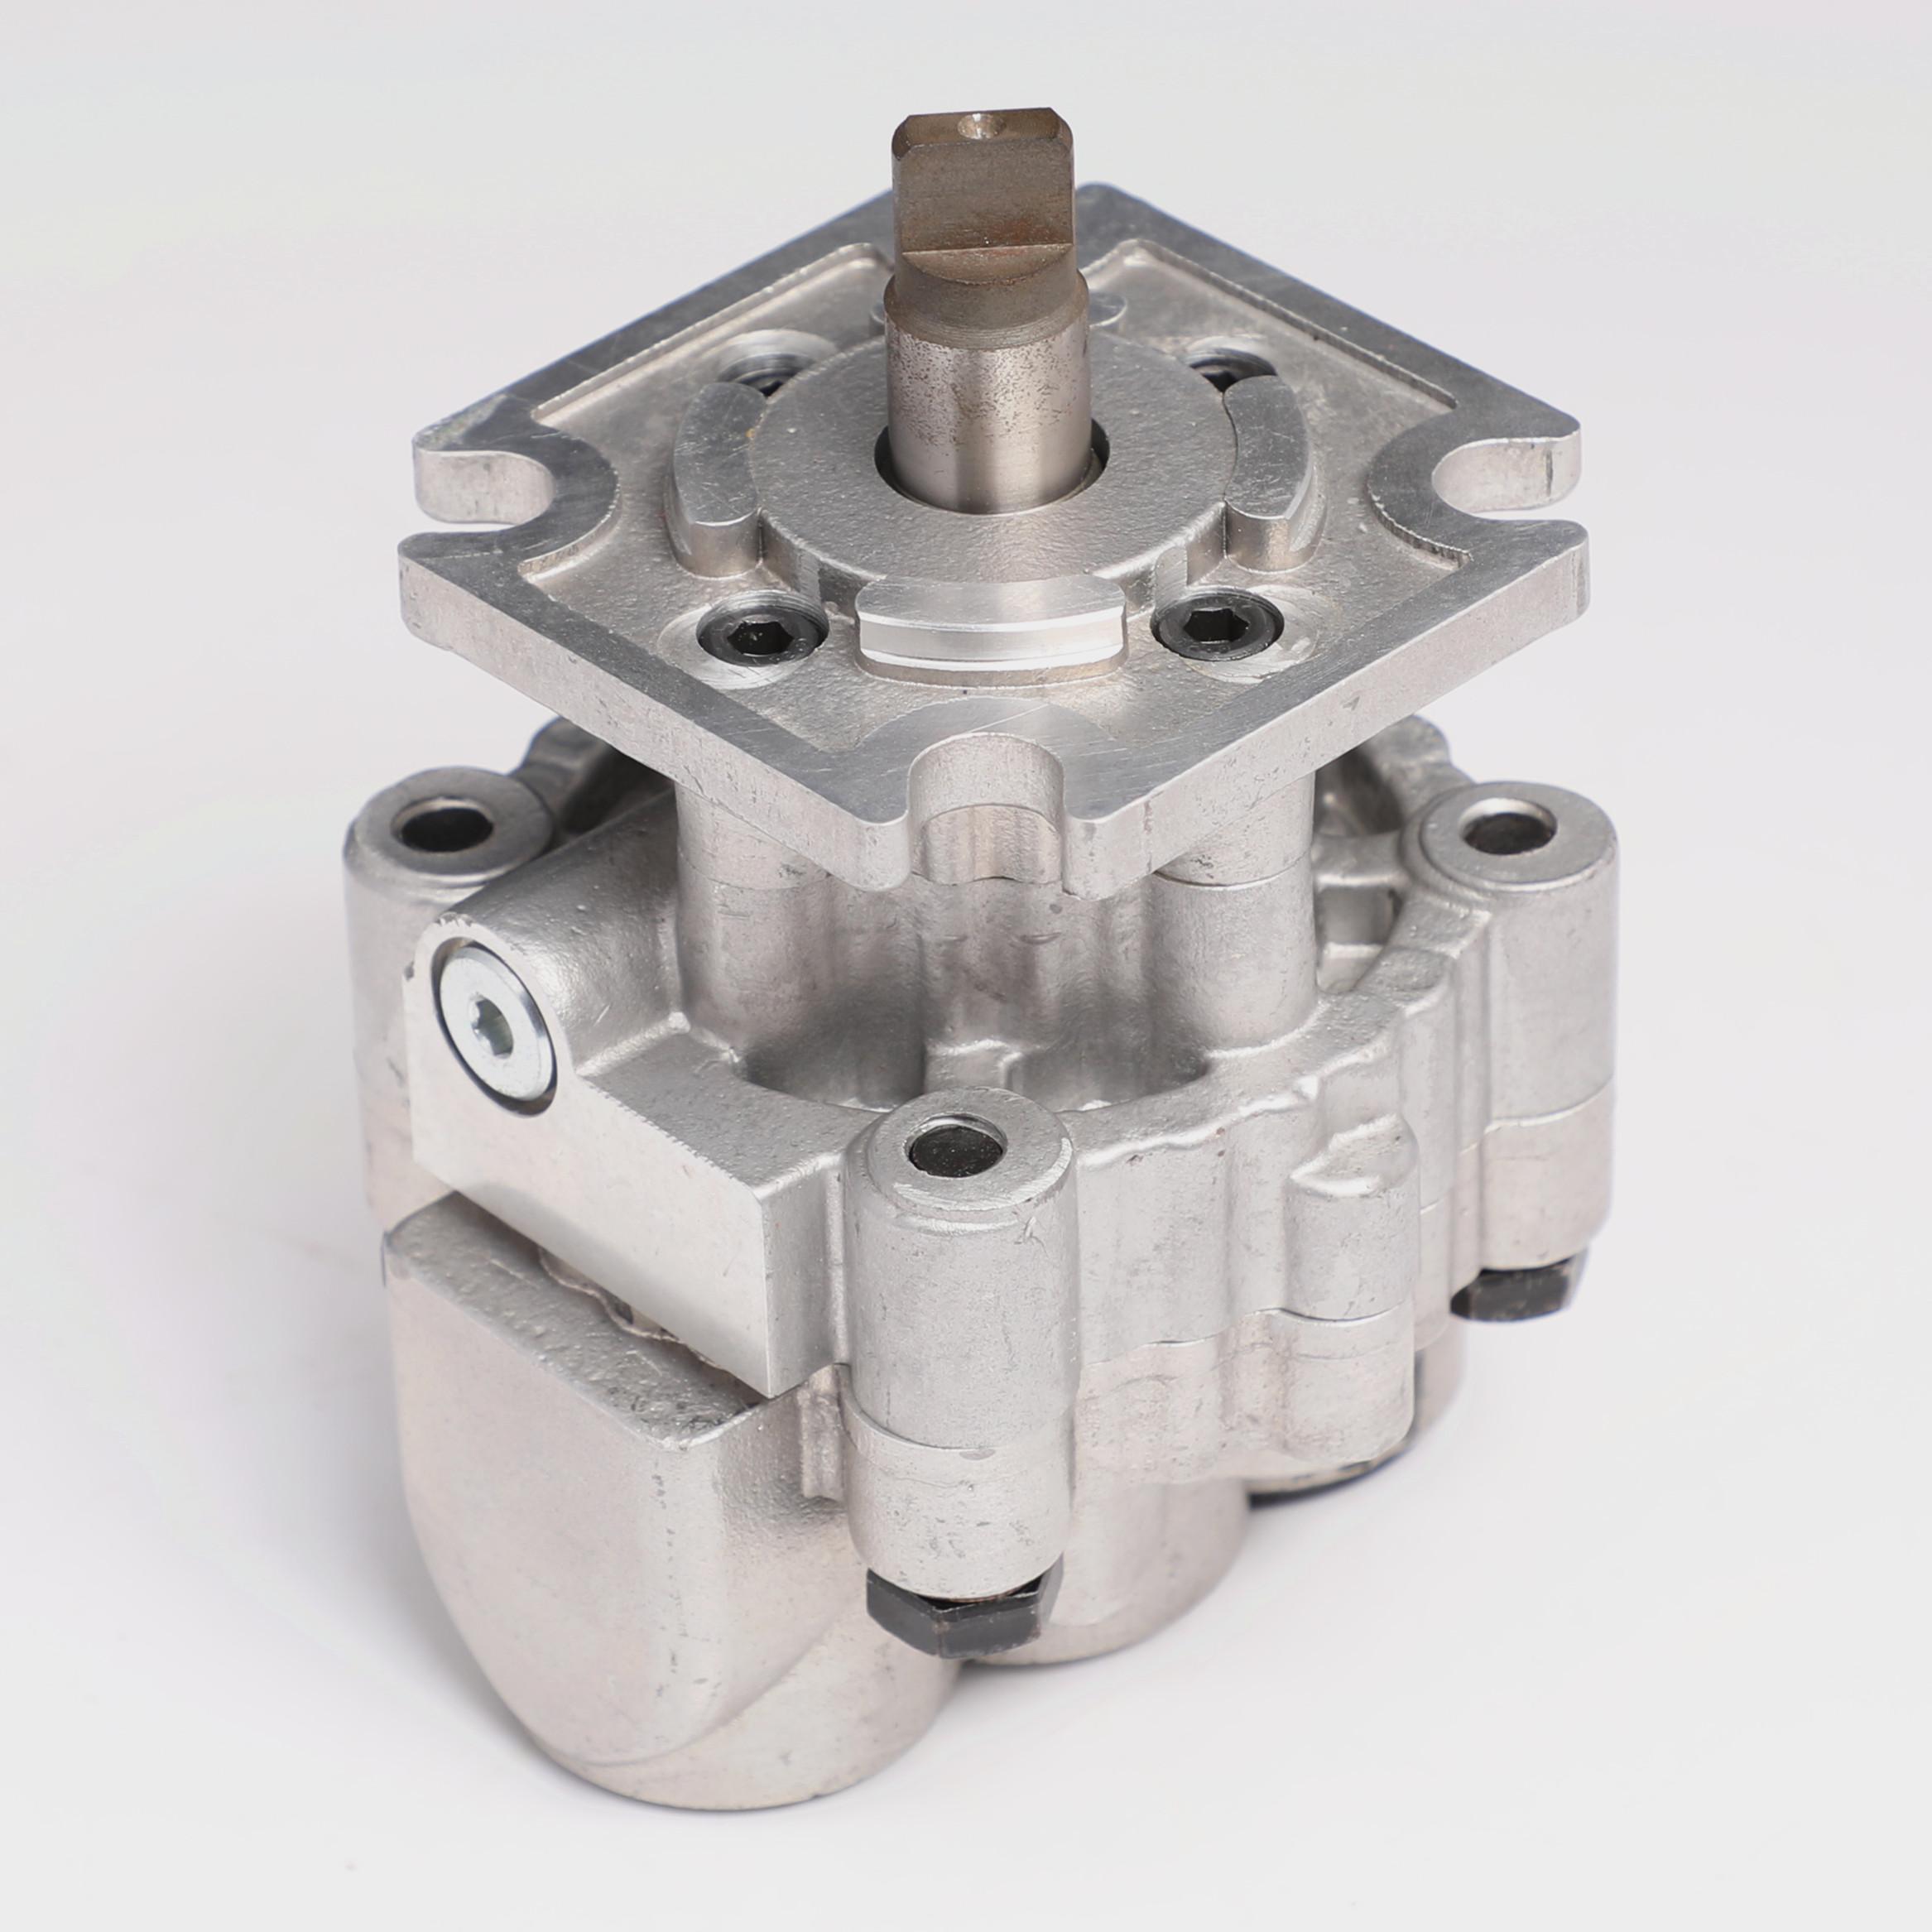 0.700 cu in MGG20030-BB1B3 Hydraulic Motor